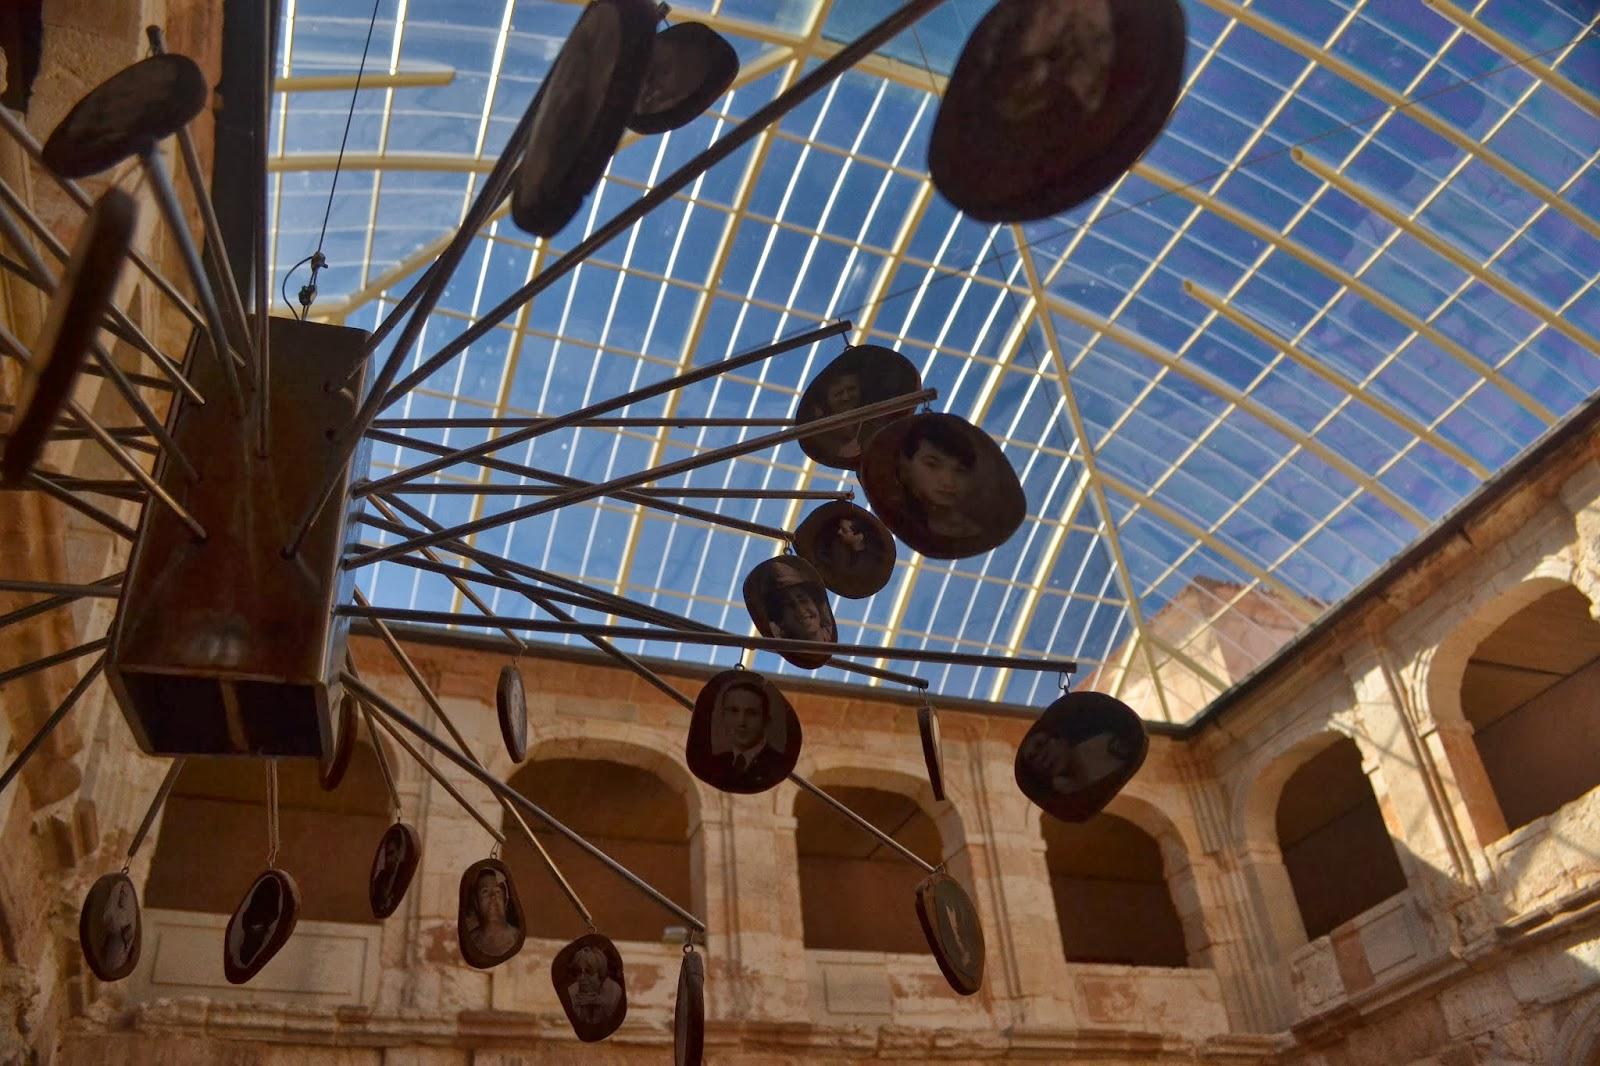 hosteleria y turismo de aragon: